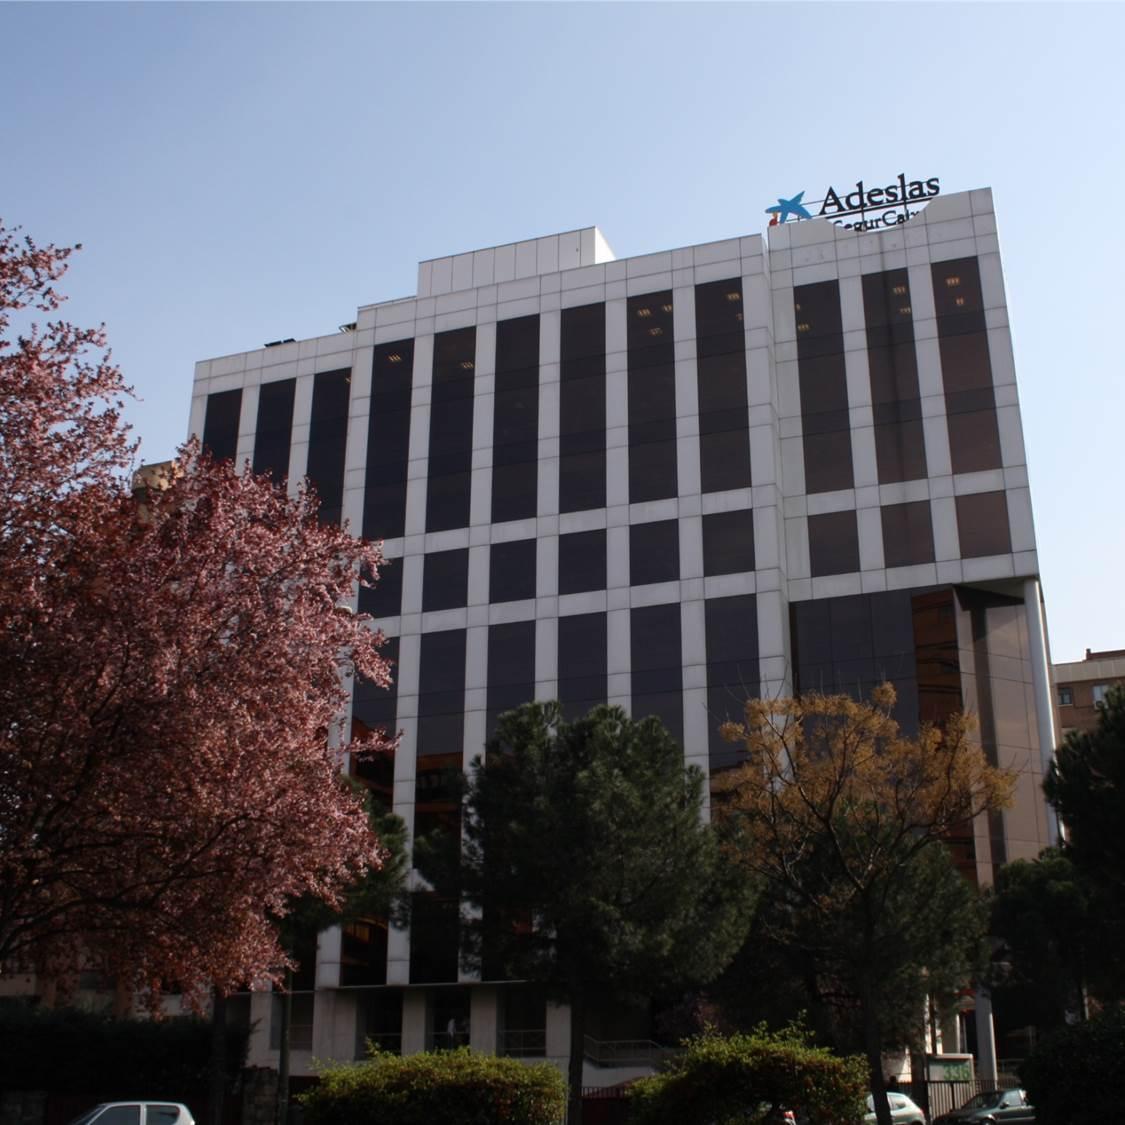 Lar espa a compra un edificio de oficinas en madrid y un centro comercial en albacete - Oficinas de adeslas en madrid ...